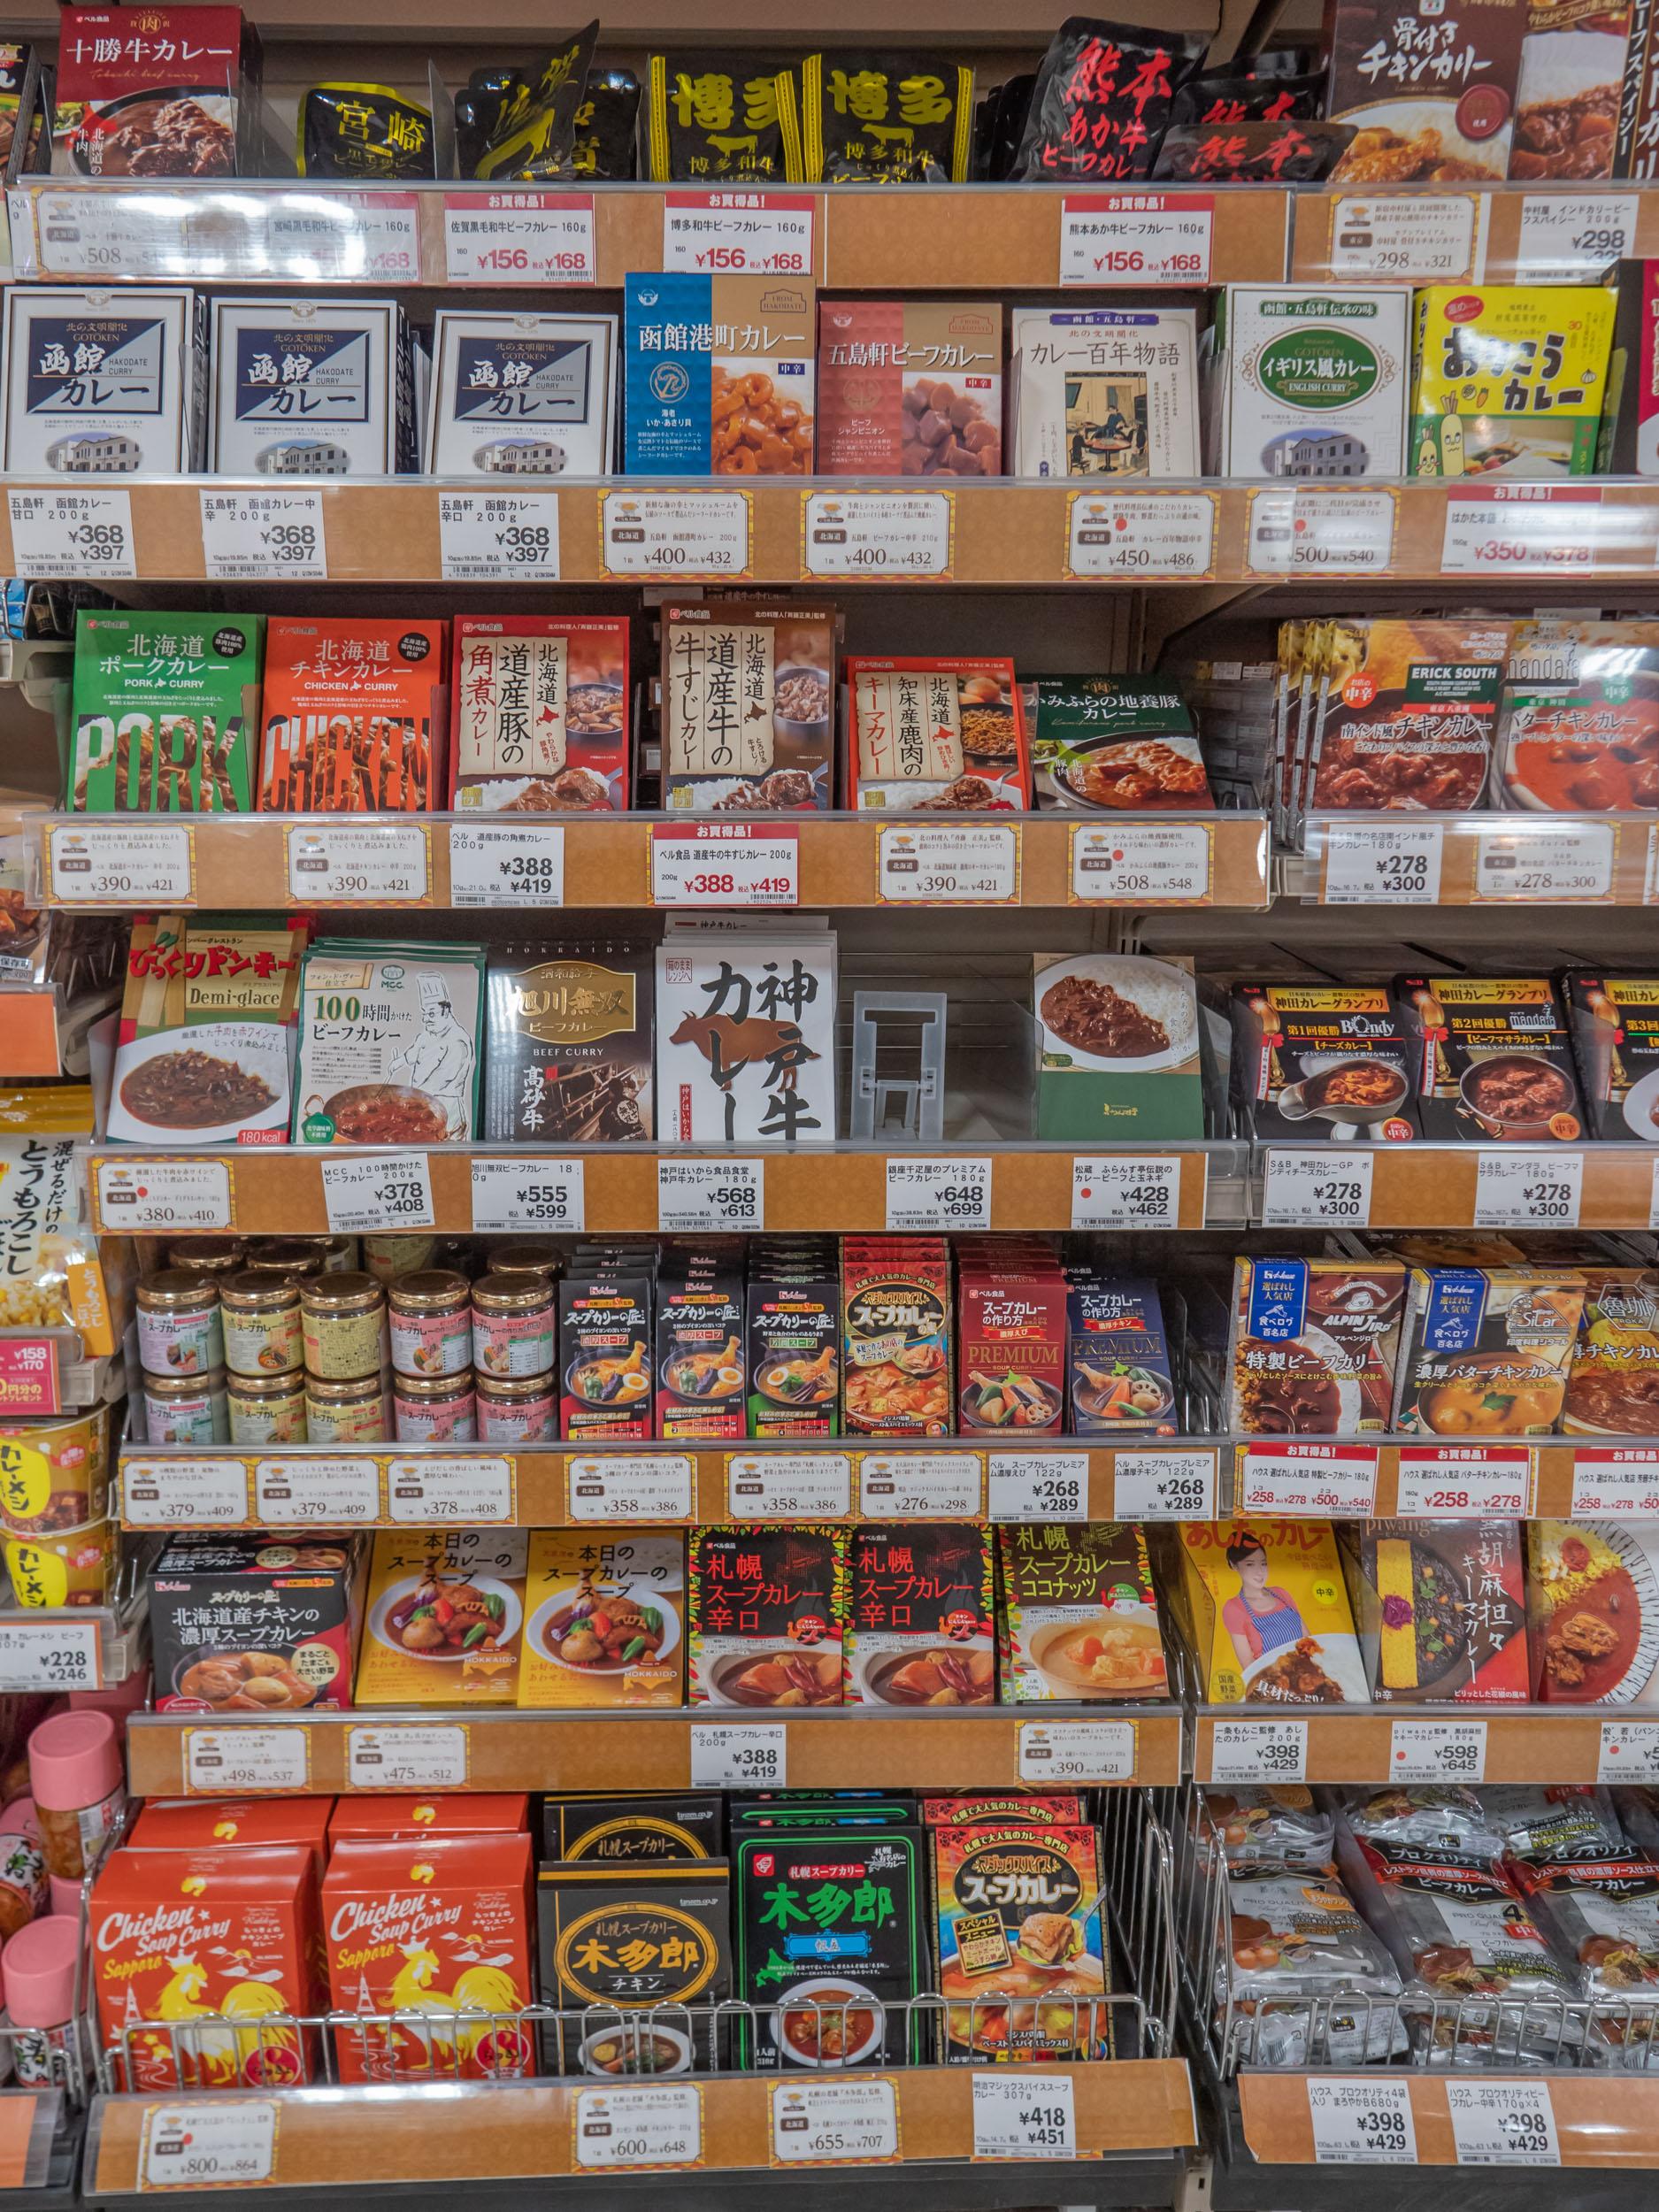 閉店したイトーヨーカドーすすきの店食品売場のご当地レトルトカレー DMC-GX8 + LEICA DG 12-60mm